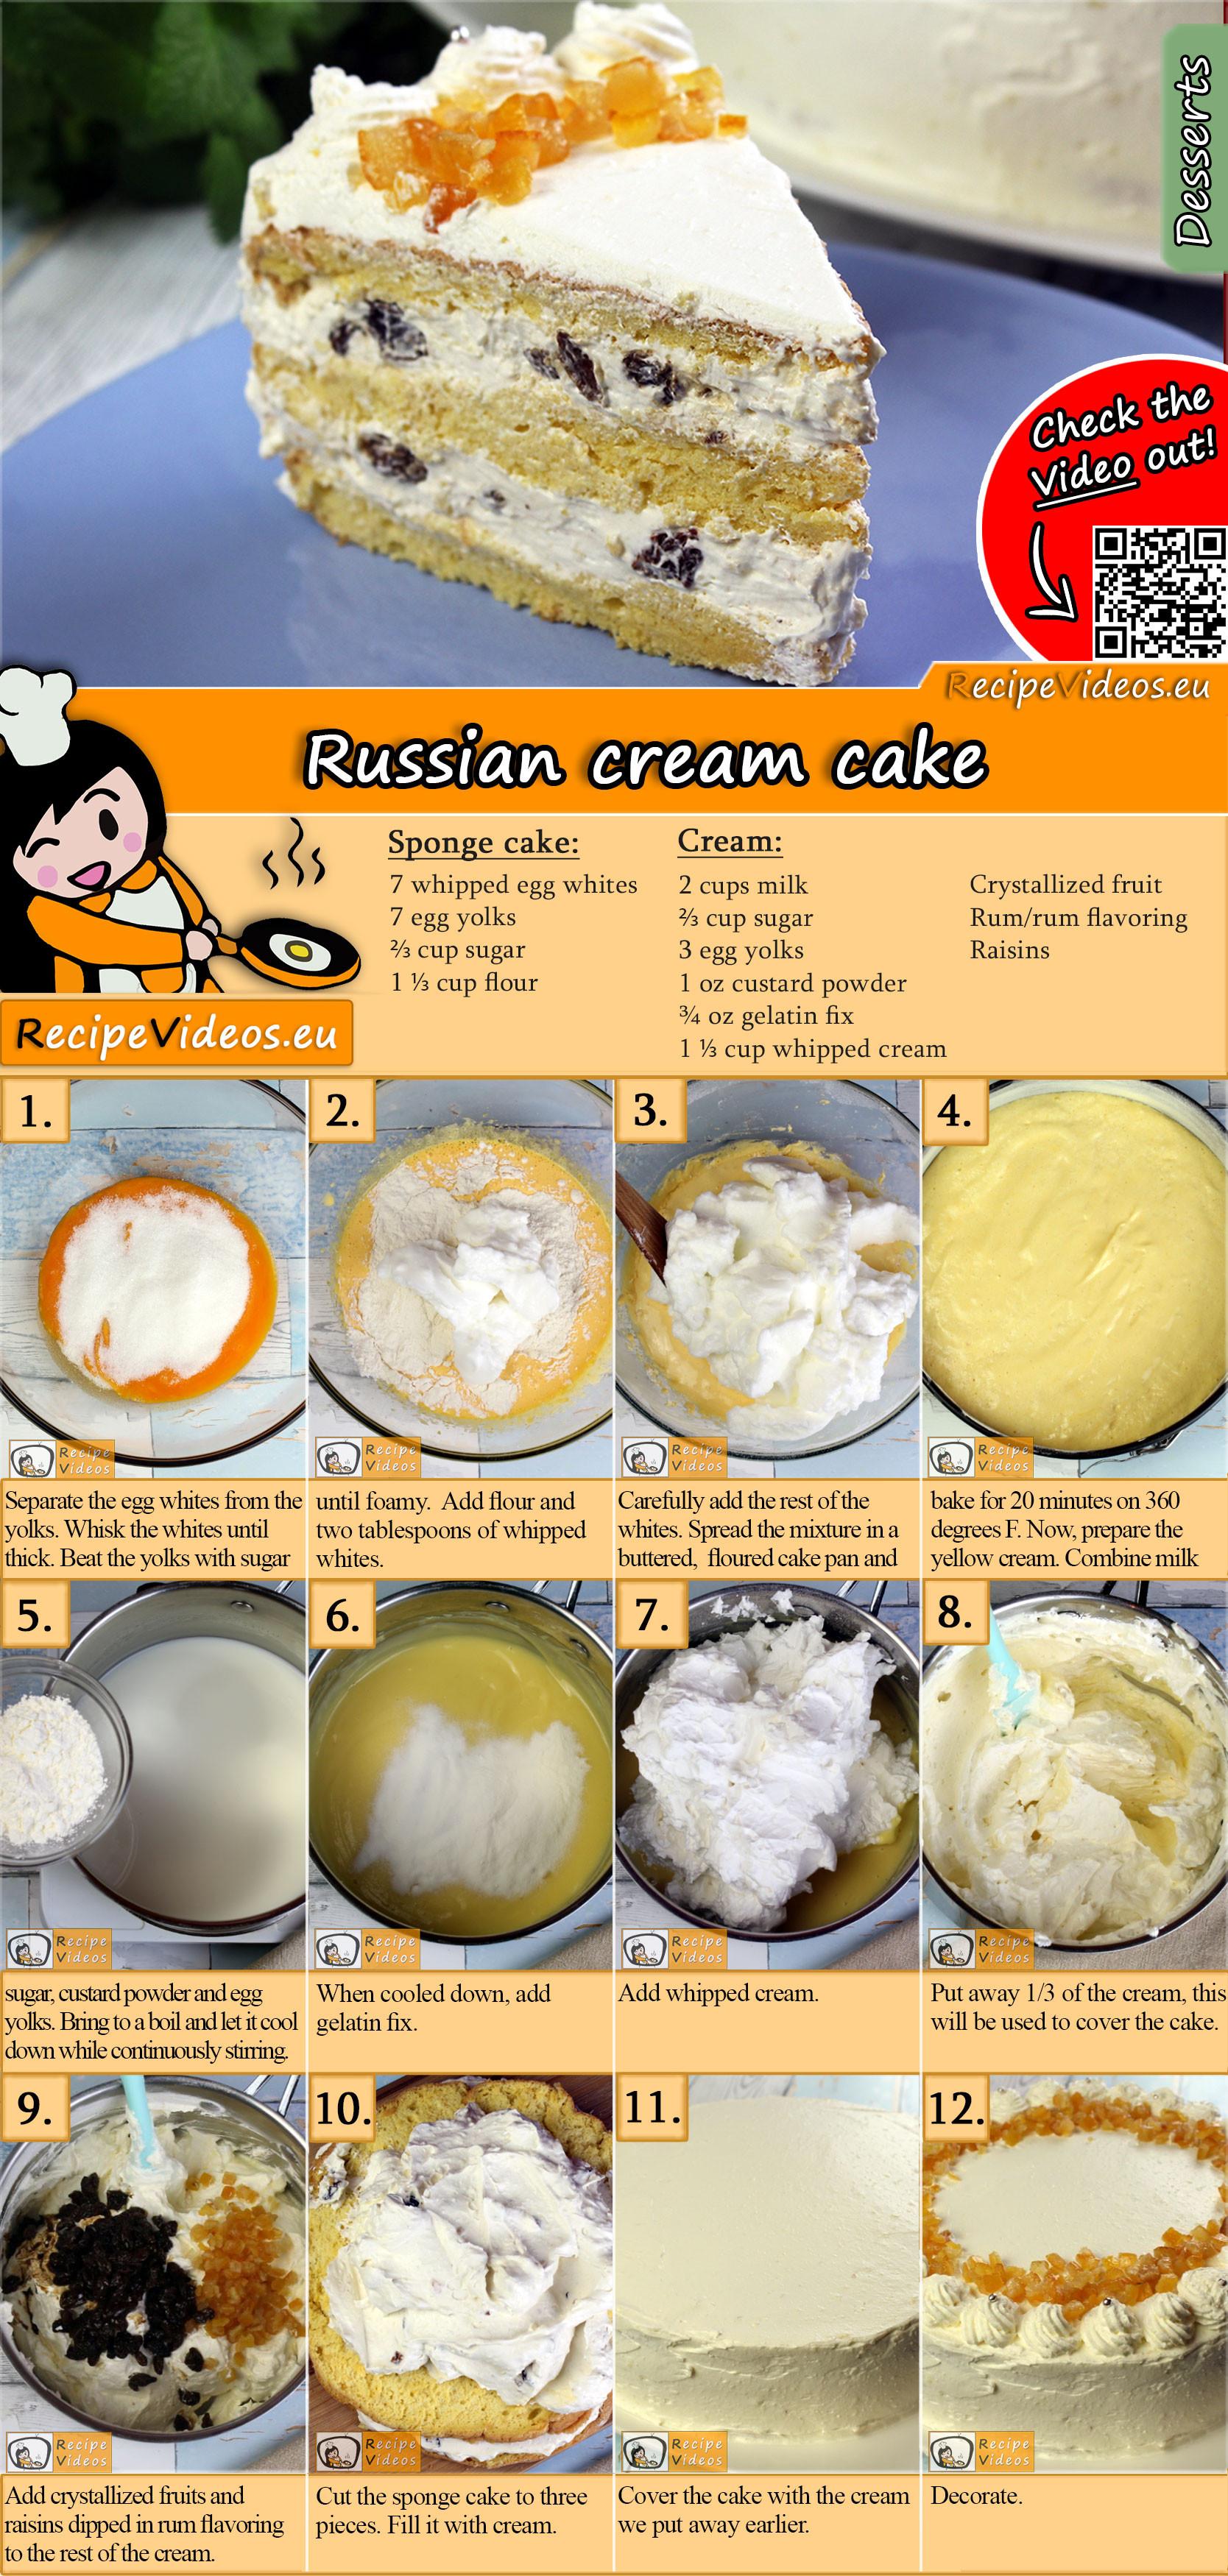 Russian cream cake recipe with video